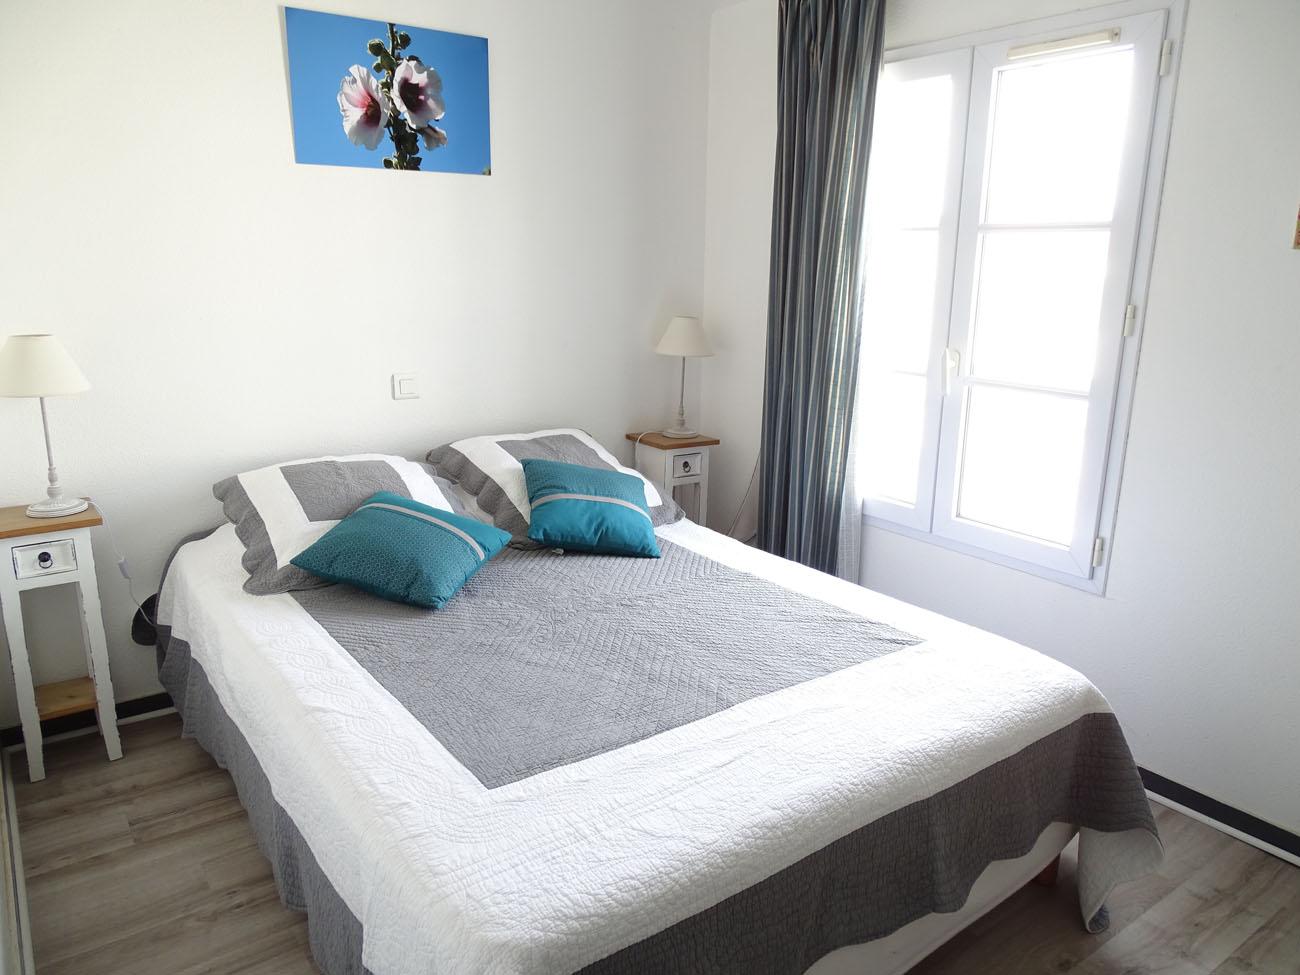 Location Appartement Ile de Ré - Solèse - Chambre 1